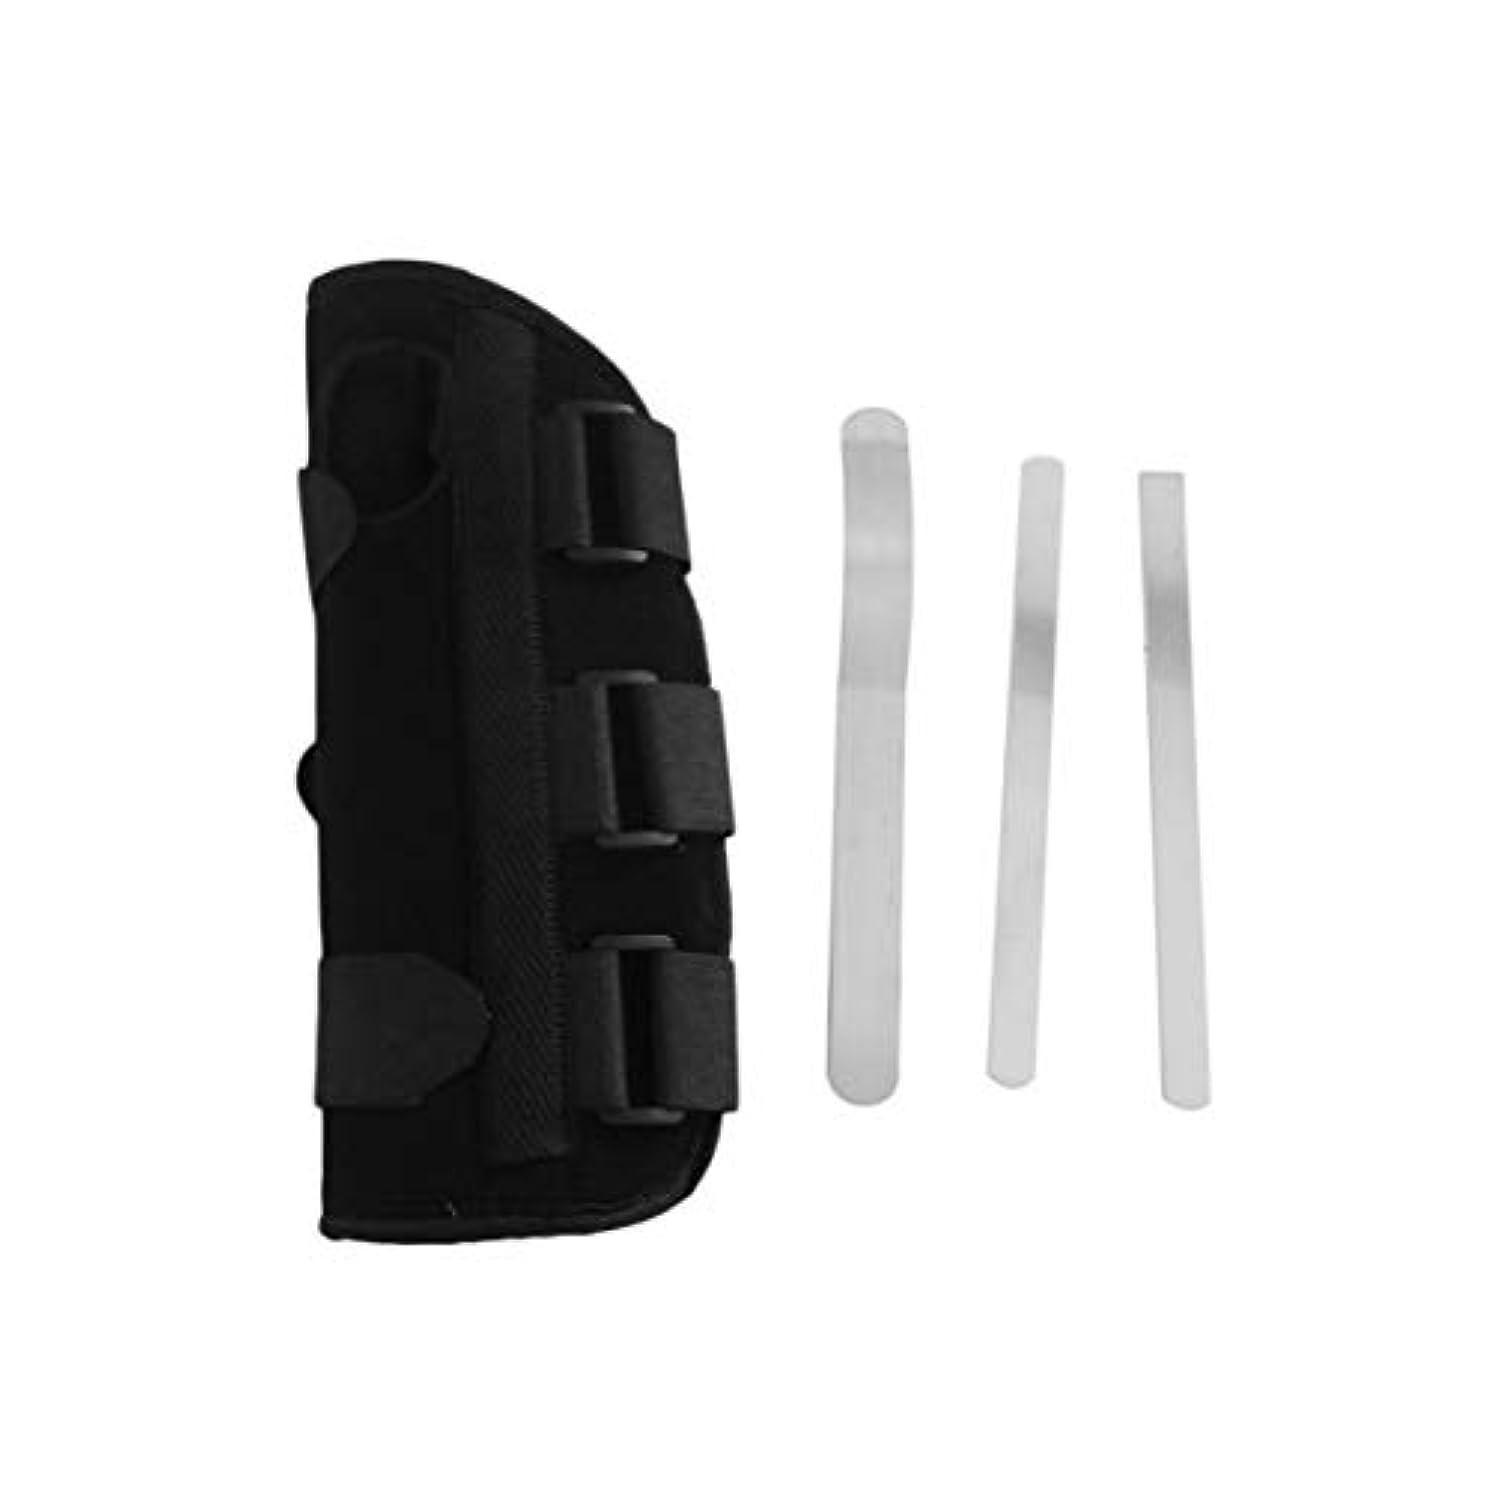 順番一貫性のないロゴ手首副木ブレース保護サポートストラップカルペルトンネルCTS RSI痛み軽減リムーバブル副木快適な軽量ストラップ - ブラックM